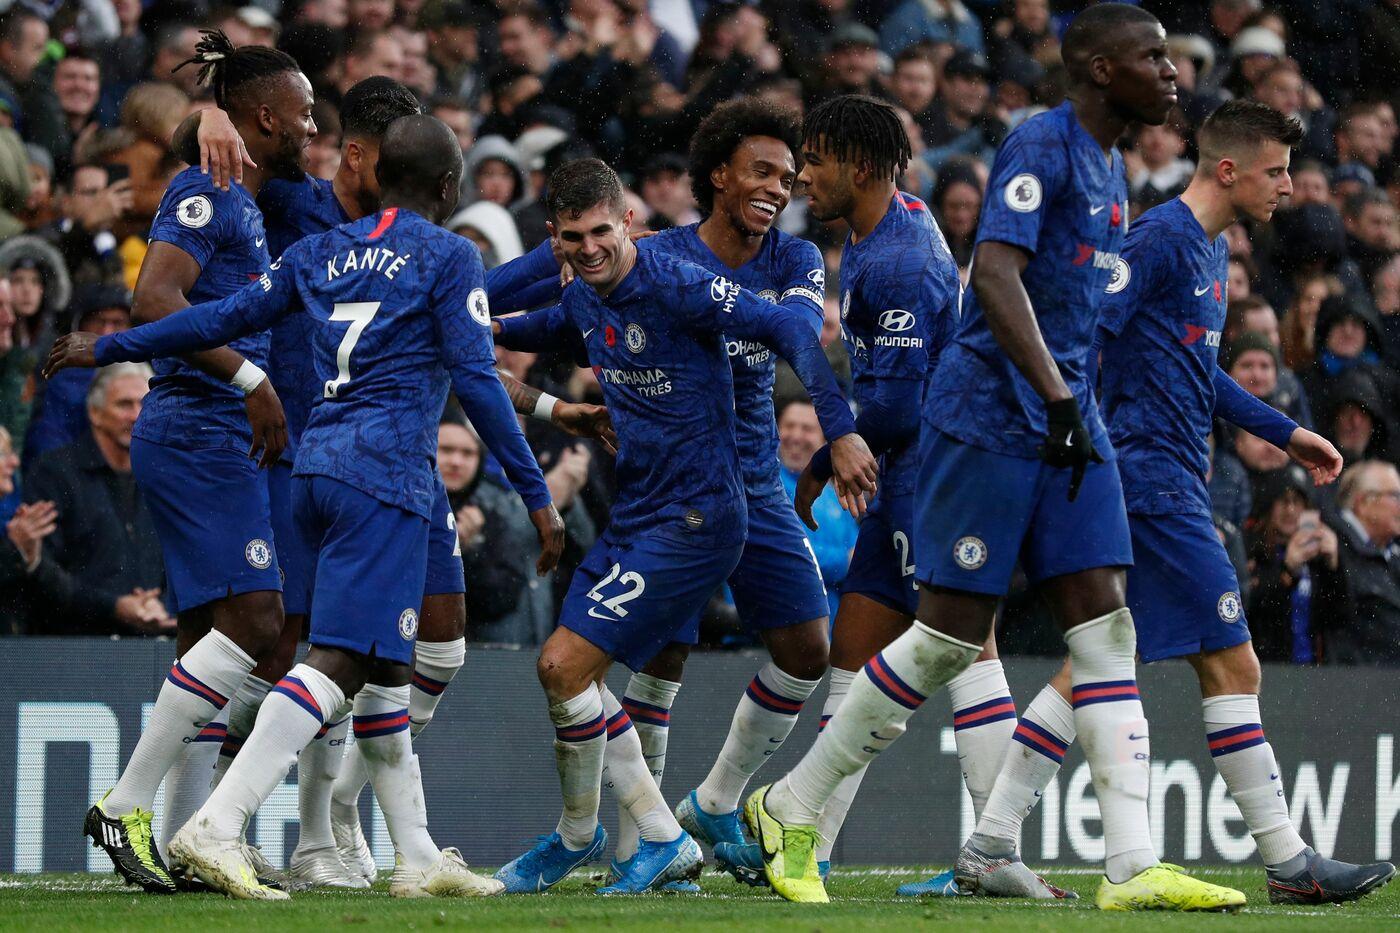 Pronostico Chelsea-Everton 8 marzo: le quote di Premier League